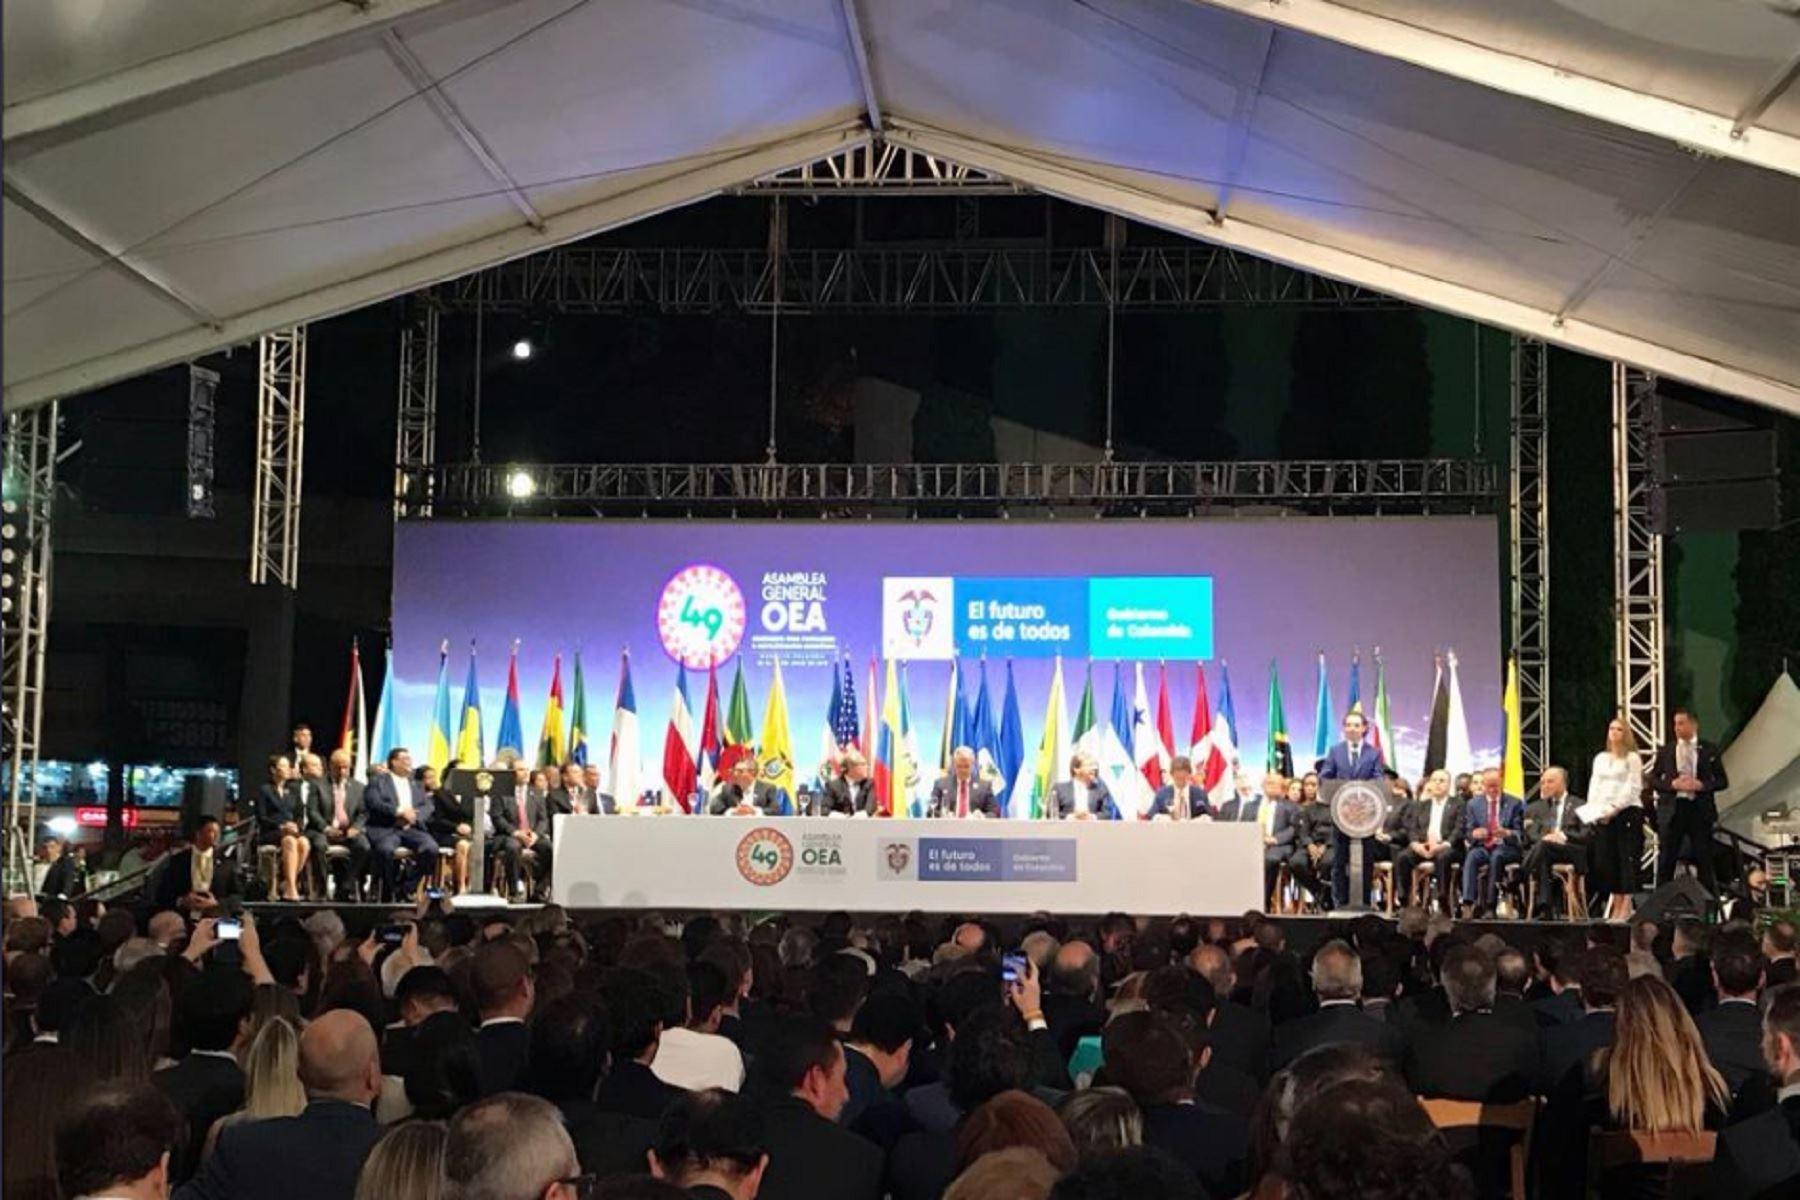 Presidente reafirmará compromiso del Perú con la democracia ante comunidad internacional